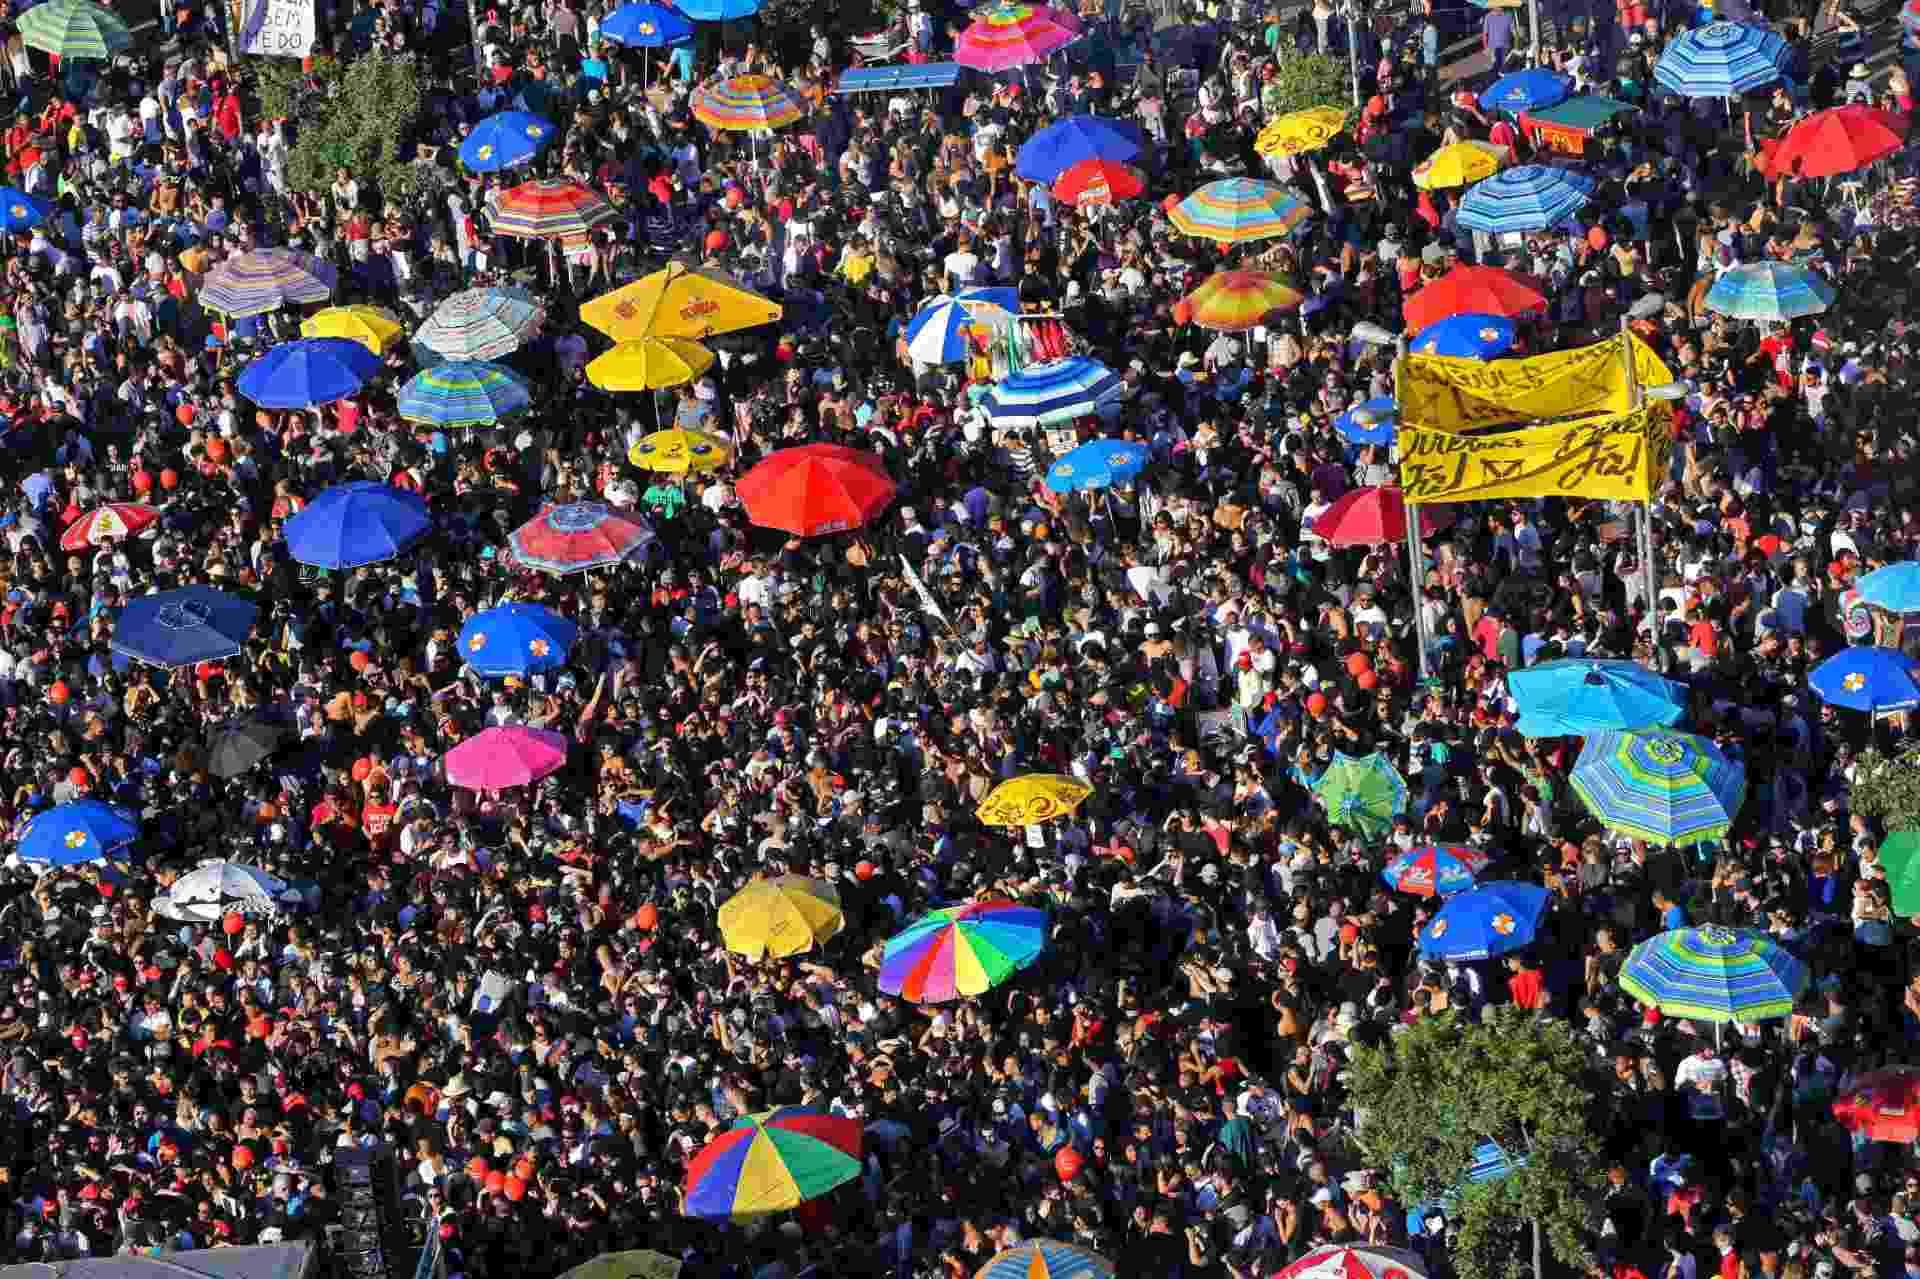 4.jun.2017 - Imagem aérea do largo da Batata mostra aglomeração de pessoas durante protesto contra o governo Temer neste domingo. O ato tem a presença de vários artistas e de um trio elétrico - Juca Varella/Folhapress,